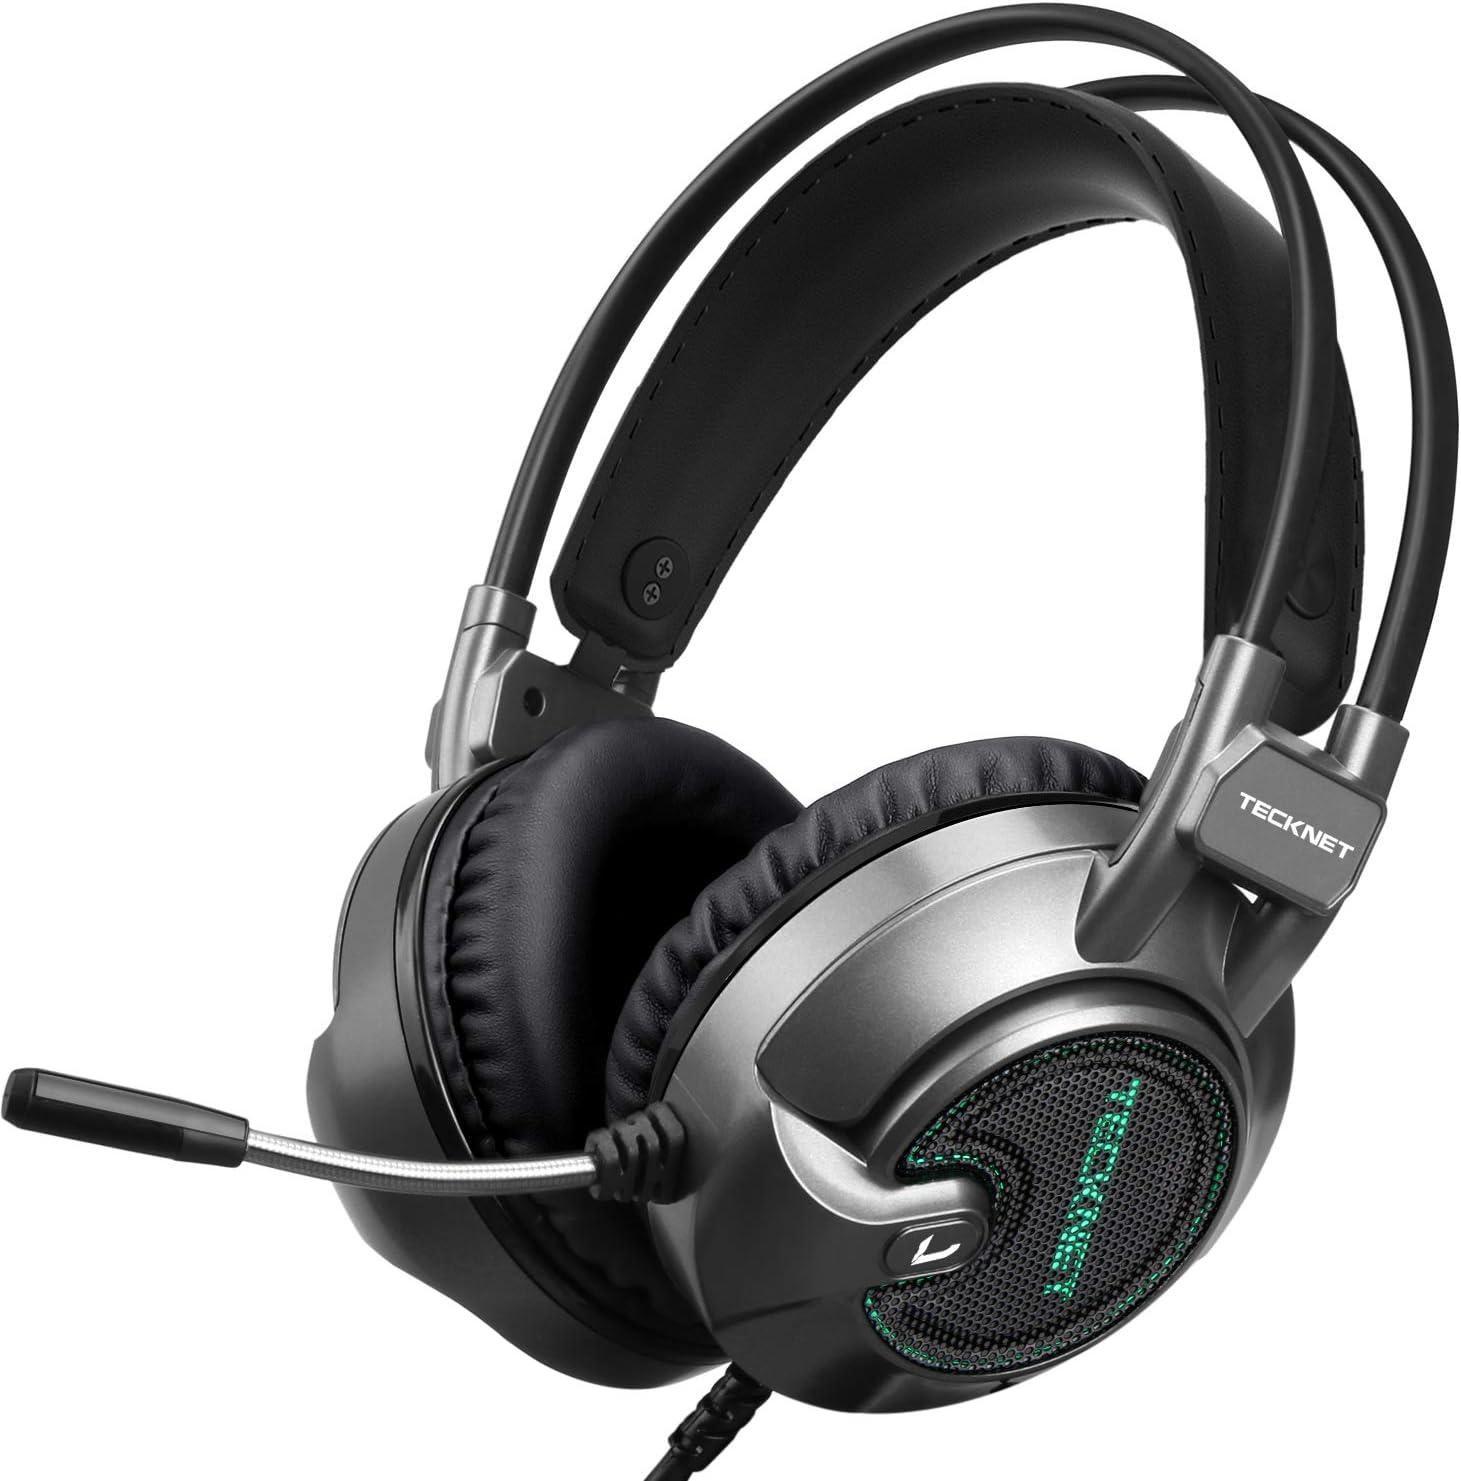 TECKNET Auriculares Gaming con Micrófono Cascos Gaming Sonido Envolvente Virtual 7.1, Reducción de Ruido Volumen Ajustable para Ordenador, Laptop